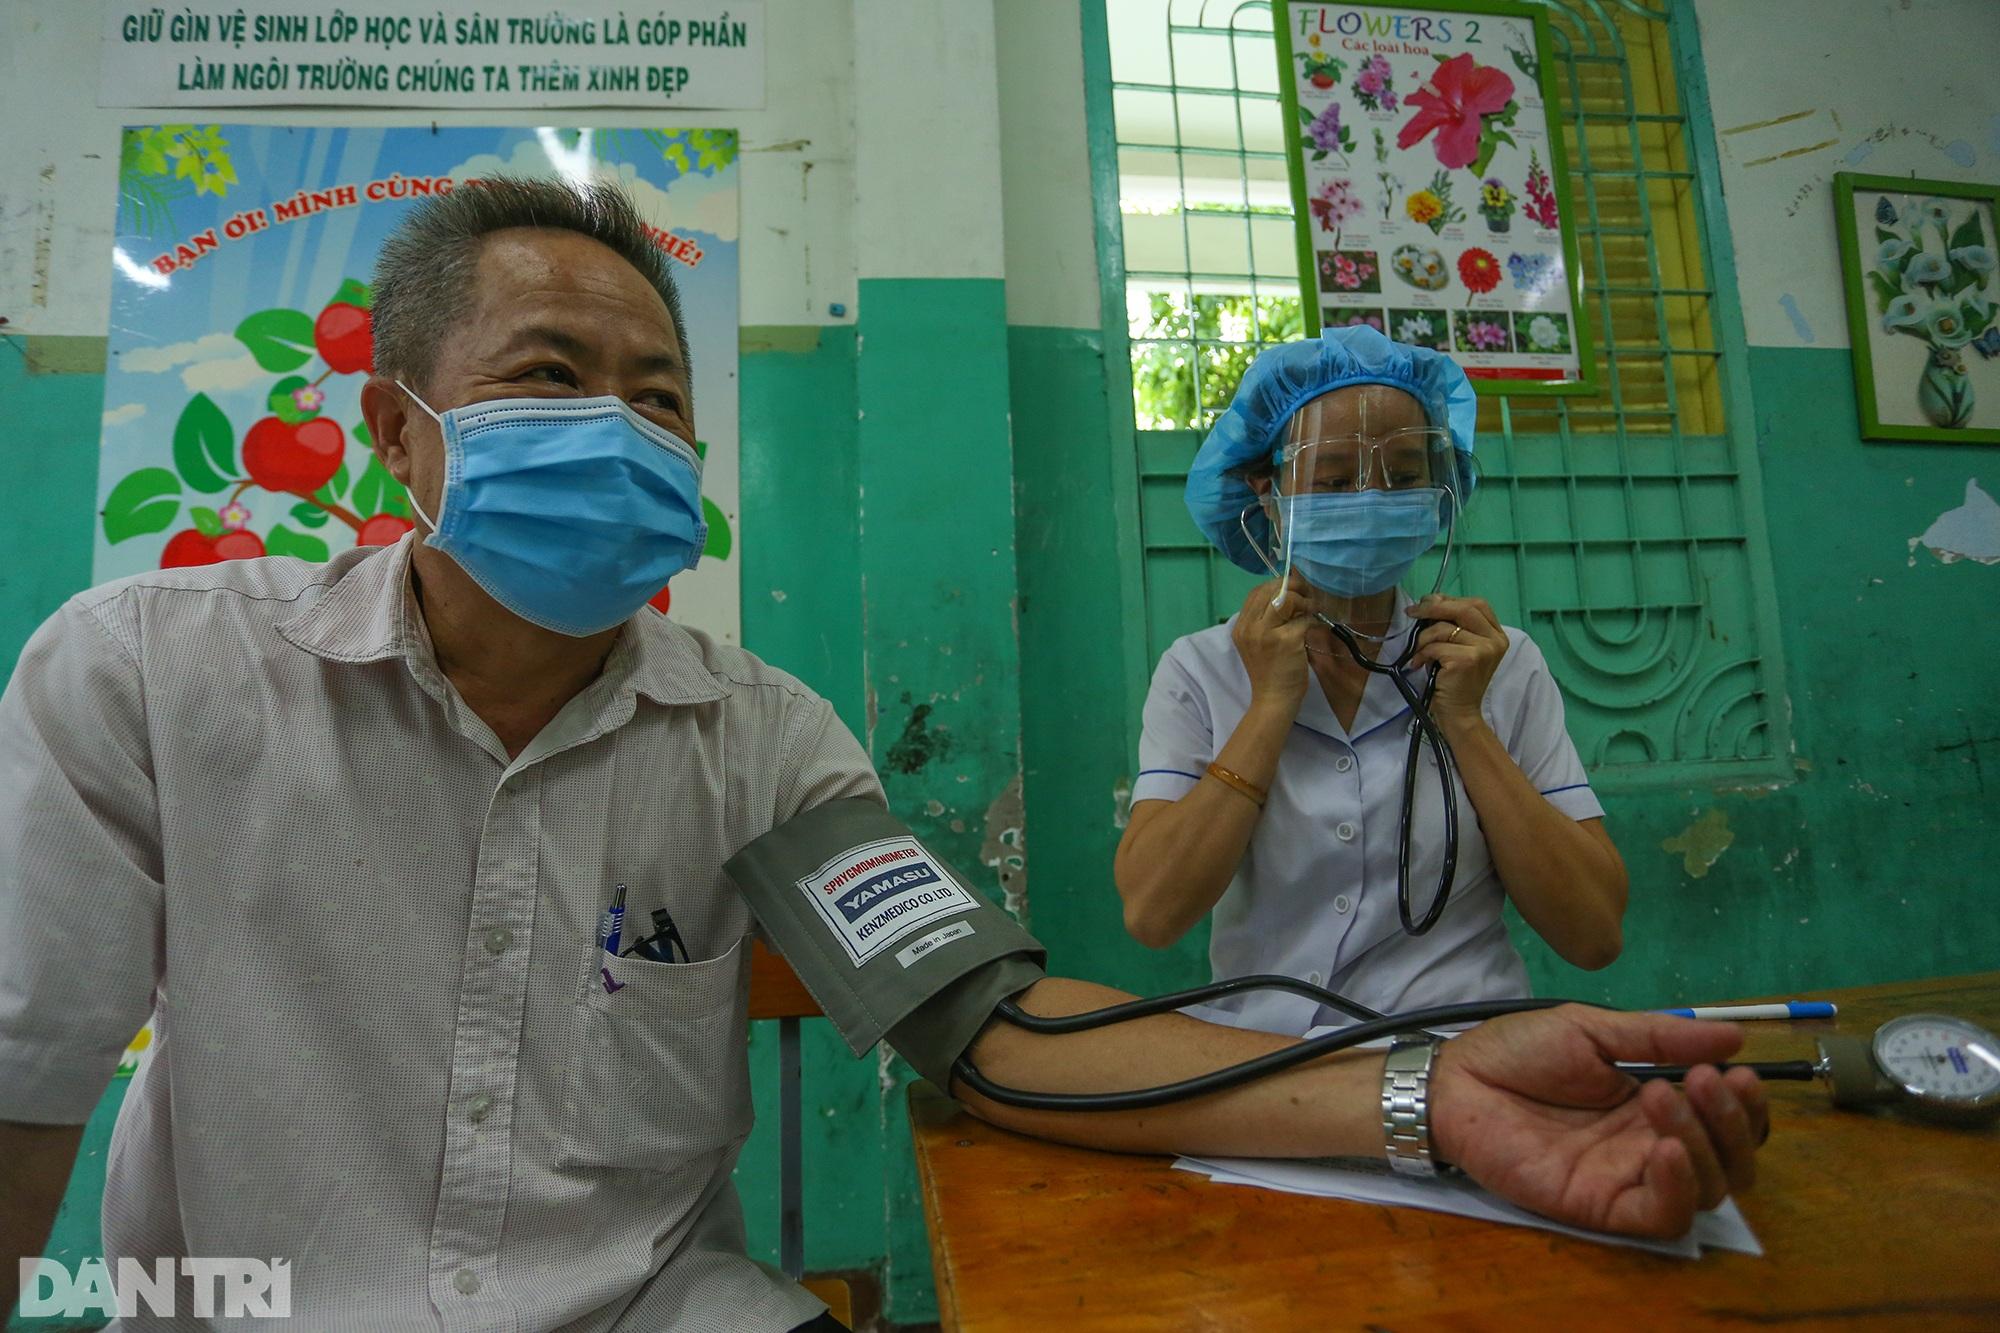 TPHCM dùng trường học, nhà thi đấu để tiêm vắc xin Covid-19 cho 1 triệu dân - 10